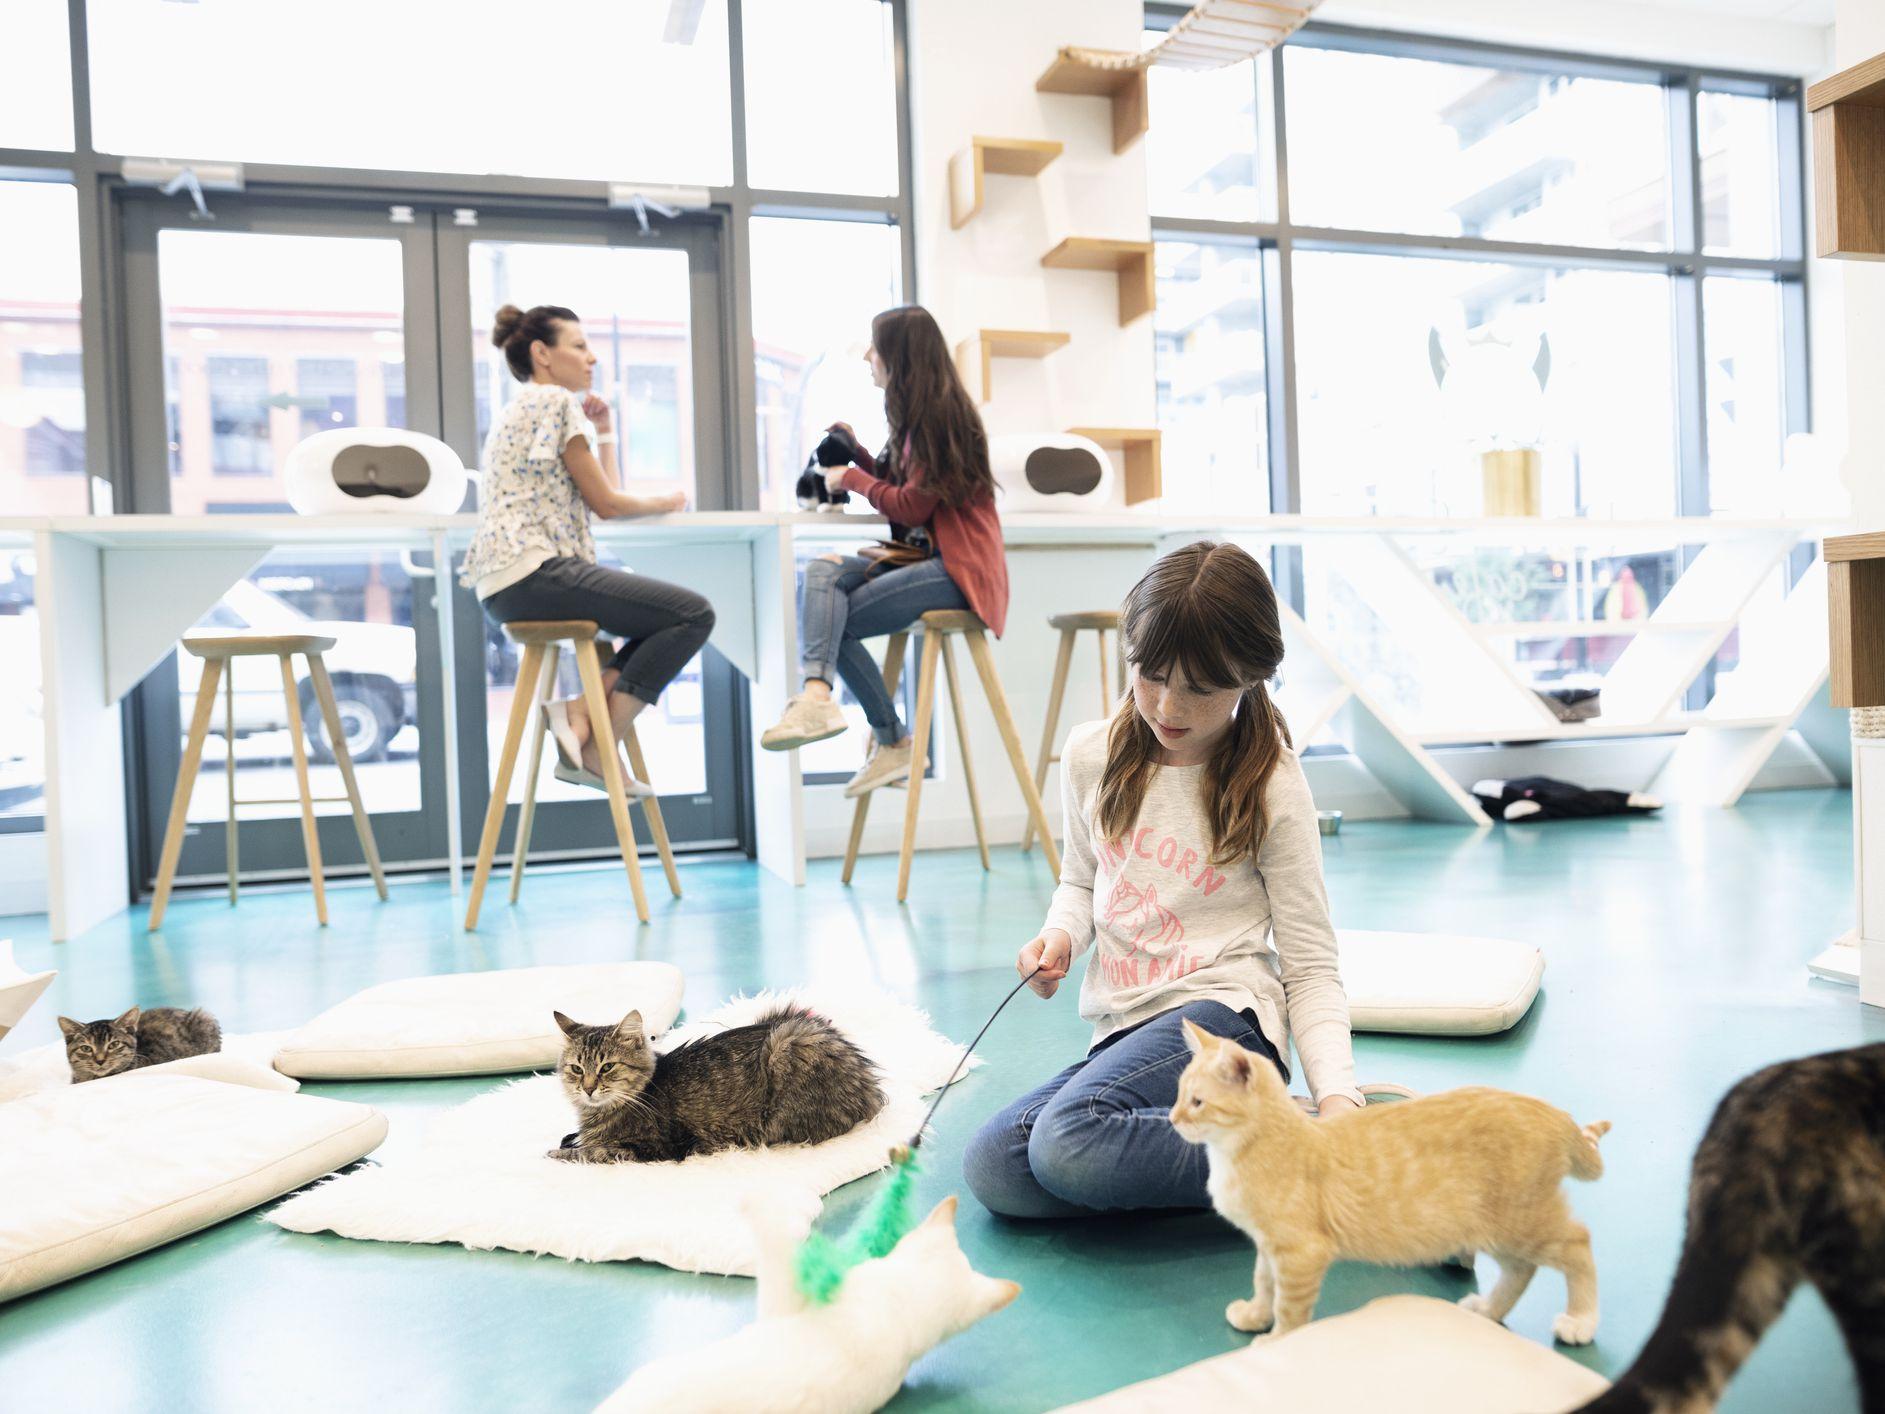 Σε ένα από τα πιο ιδιαίτερα καφέ του κόσμου χαϊδεύεις γατάκια